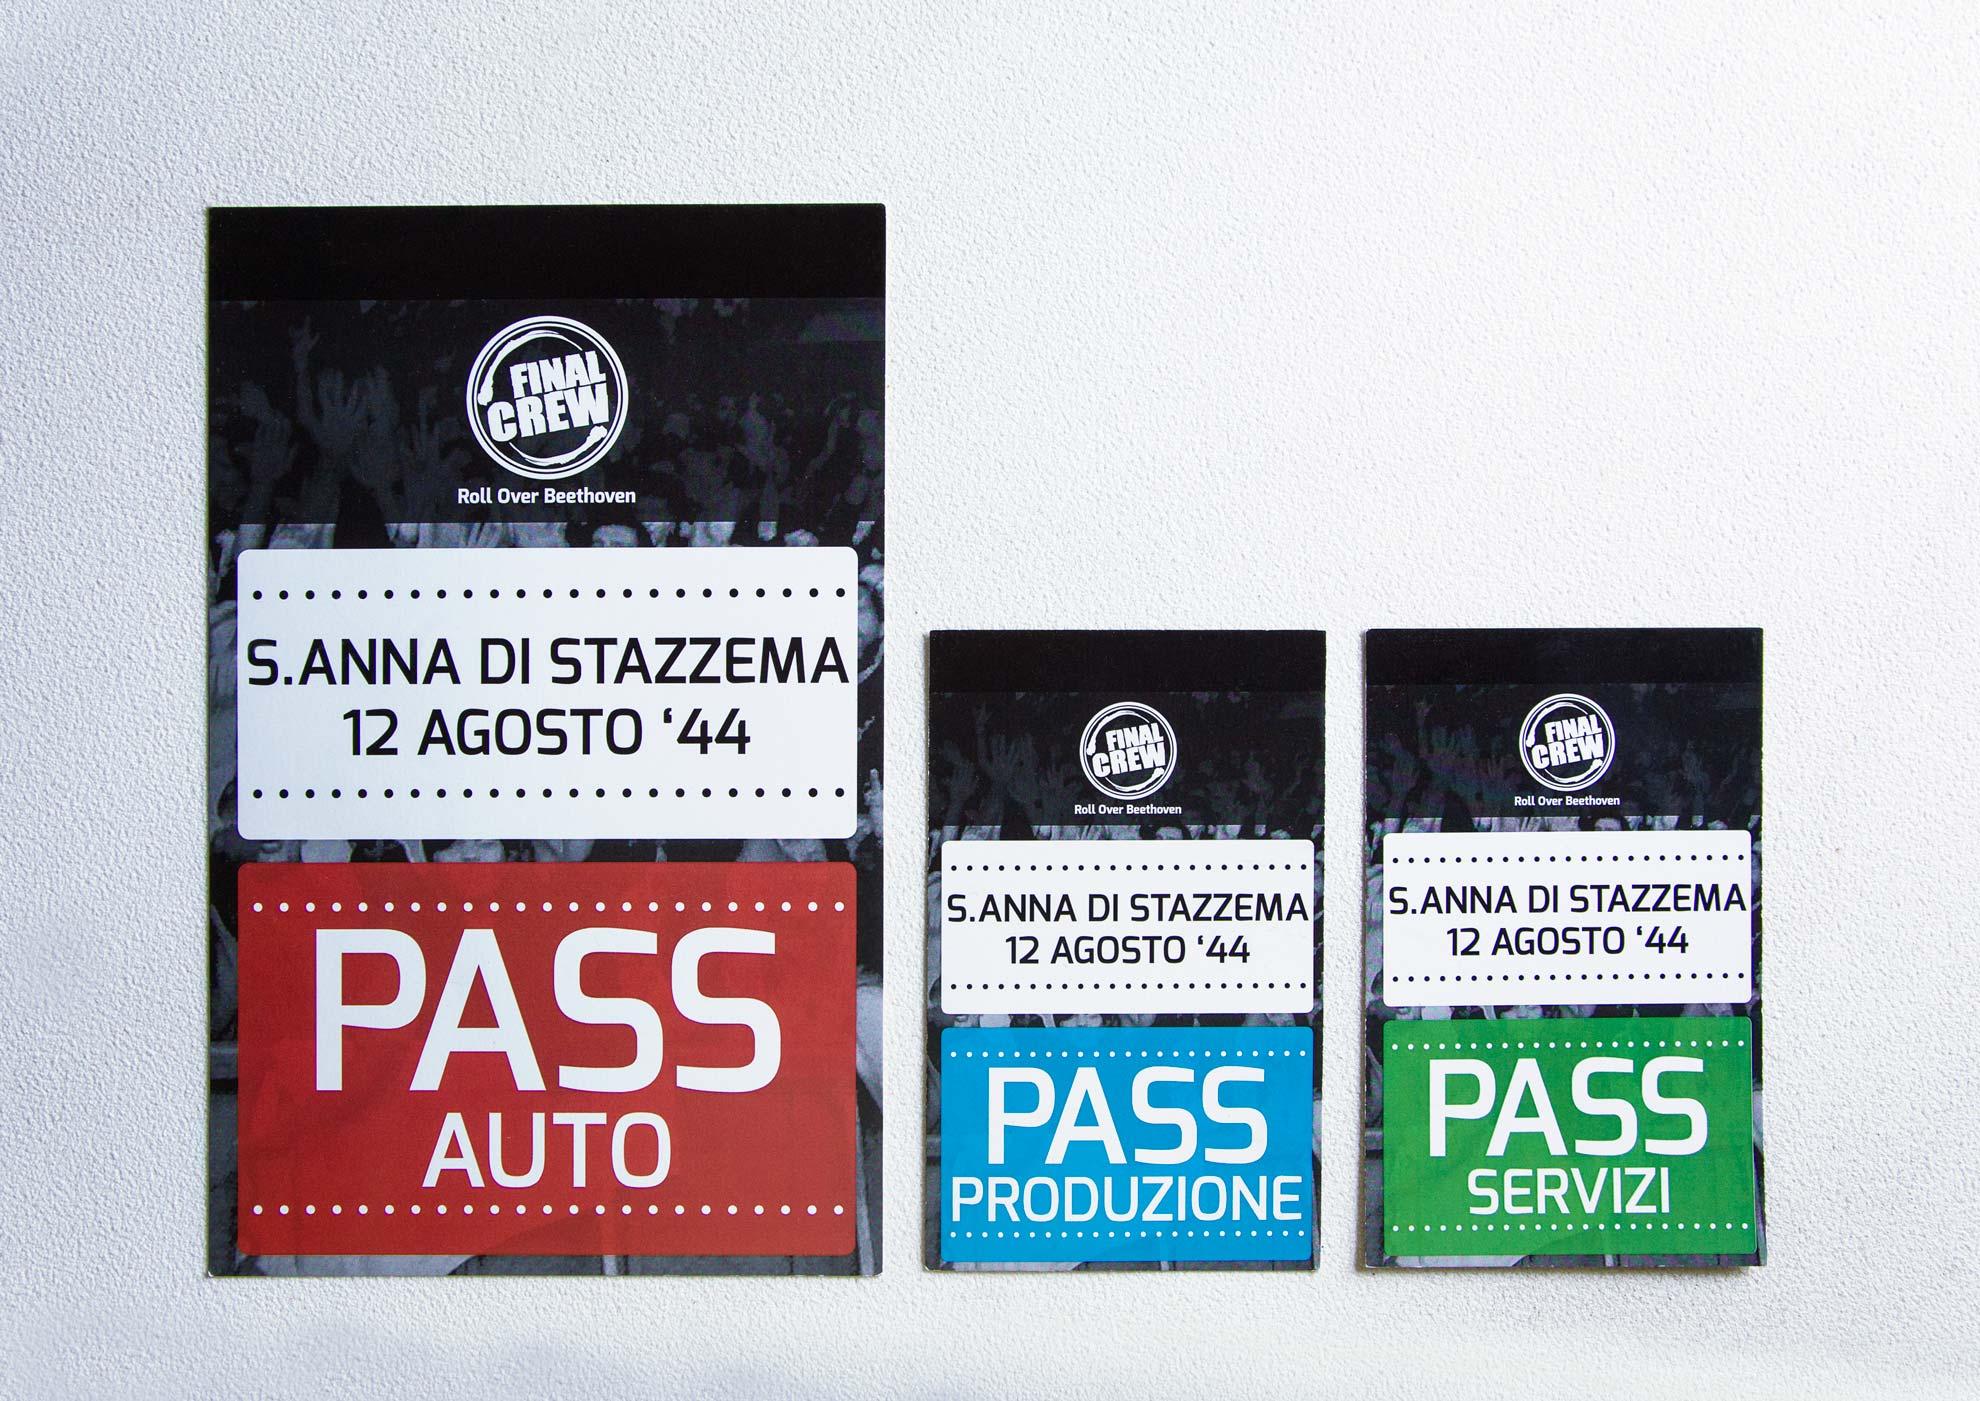 Pass S.Anna di Stazzema - Spettacolo Paolini/Salvatori